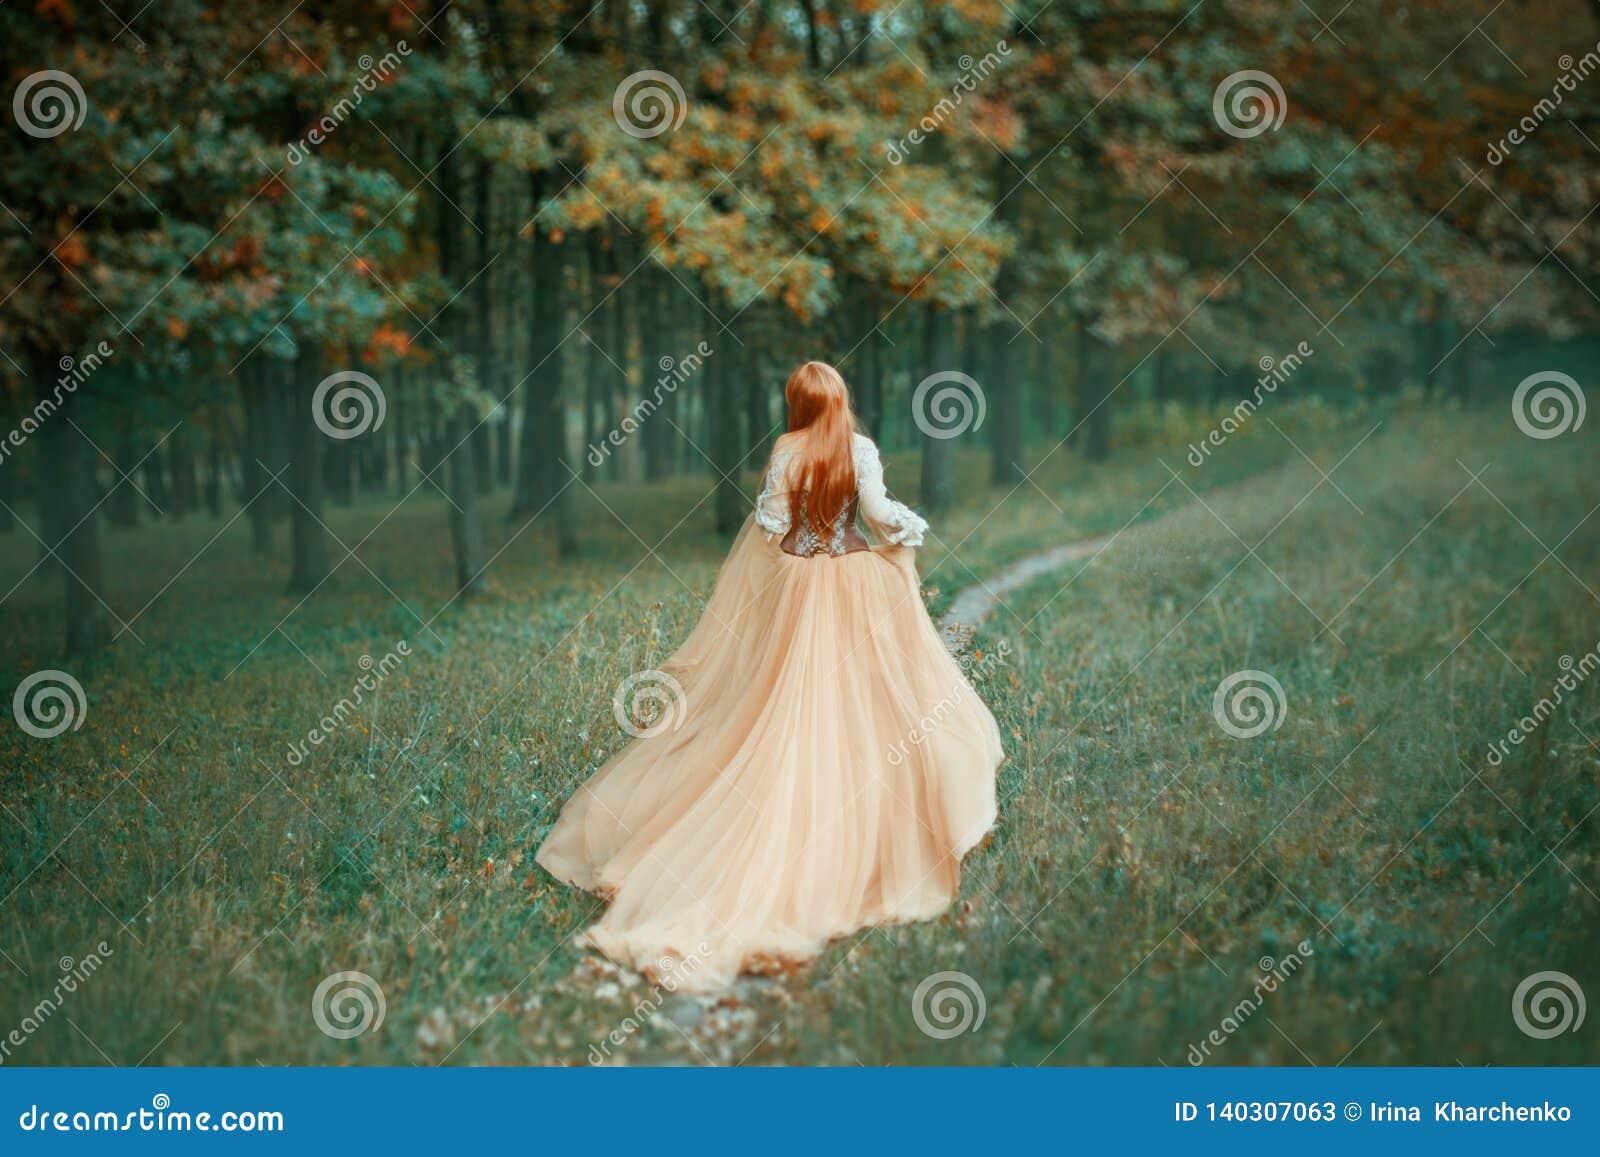 Mysteriöse Dame im langen hellen teuren Luxuskleid mit lang schleppenden Zugfahrten entlang Waldweg, neues Aschenputtel